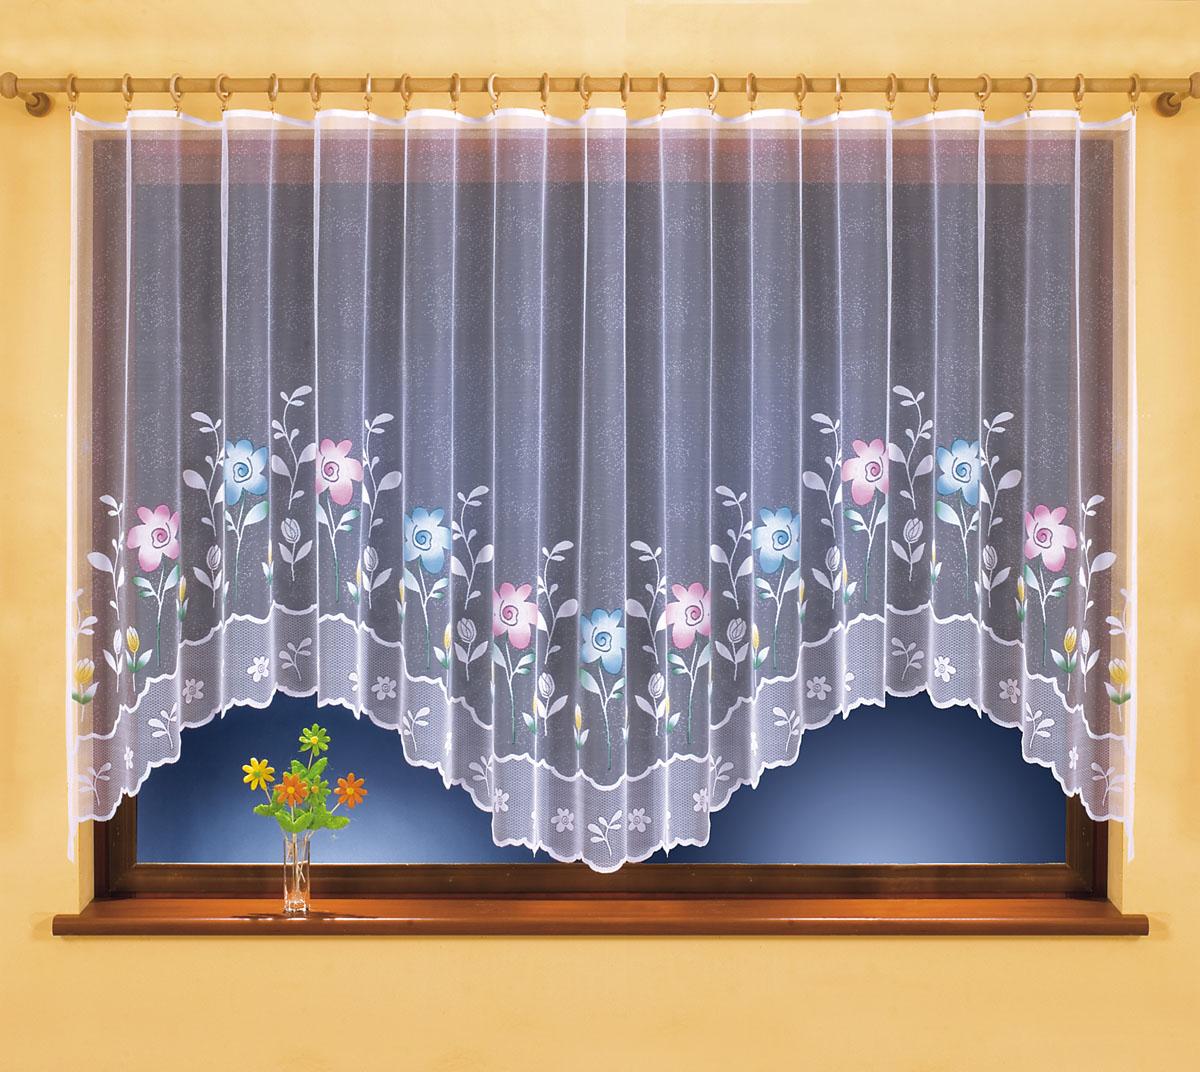 Гардина Martina, на ленте, цвет: белый, высота 150 см630776Воздушная гардина Martina, изготовленная из полиэстера белого цвета, станет великолепным украшением любого окна. Оригинальный дизайн и красочный цветочный рисунок привлекут к себе внимание и органично впишутся в интерьер комнаты. В гардину вшита шторная лента для собирания в сборки. Характеристики:Материал: 100% полиэстер. Размер упаковки:27 см х 34 см х 2,5 см. Артикул: 630776.В комплект входит:Гардина - 1 шт. Размер (Ш х В): 400 см х 150 см. Фирма Wisan на польском рынке существует уже более пятидесяти лет и является одной из лучших польских фабрик по производству штор и тканей. Ассортимент фирмы представлен готовыми комплектами штор для гостиной, детской, кухни, а также текстилем для кухни (скатерти, салфетки, дорожки, кухонные занавески). Модельный ряд отличает оригинальный дизайн, высокое качество. Ассортимент продукции постоянно пополняется.